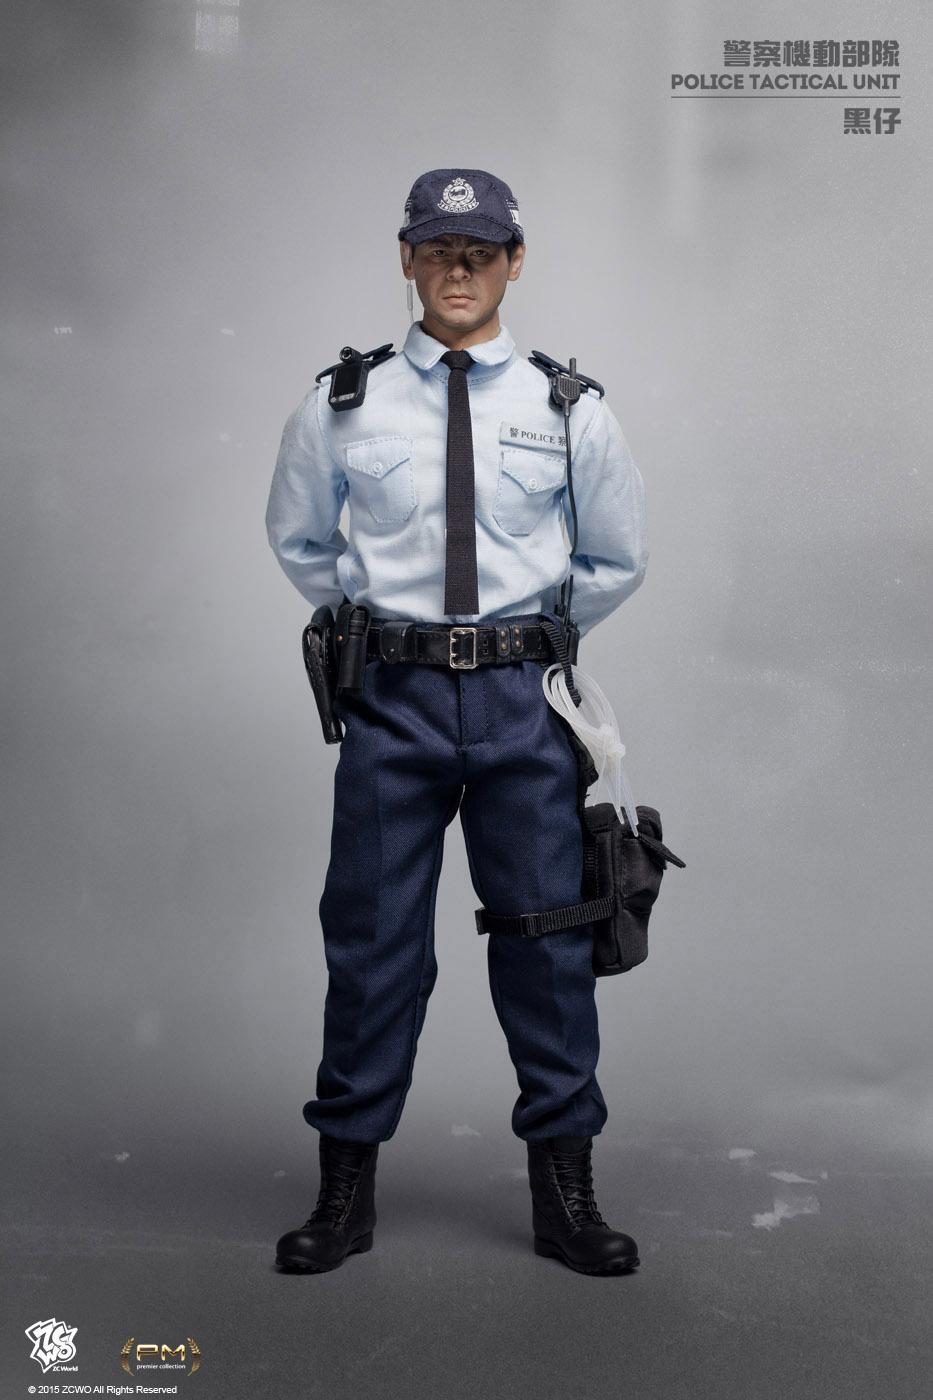 1//6 Scale Dragon Royal Hong Kong Police Tactical Unit Black Beret